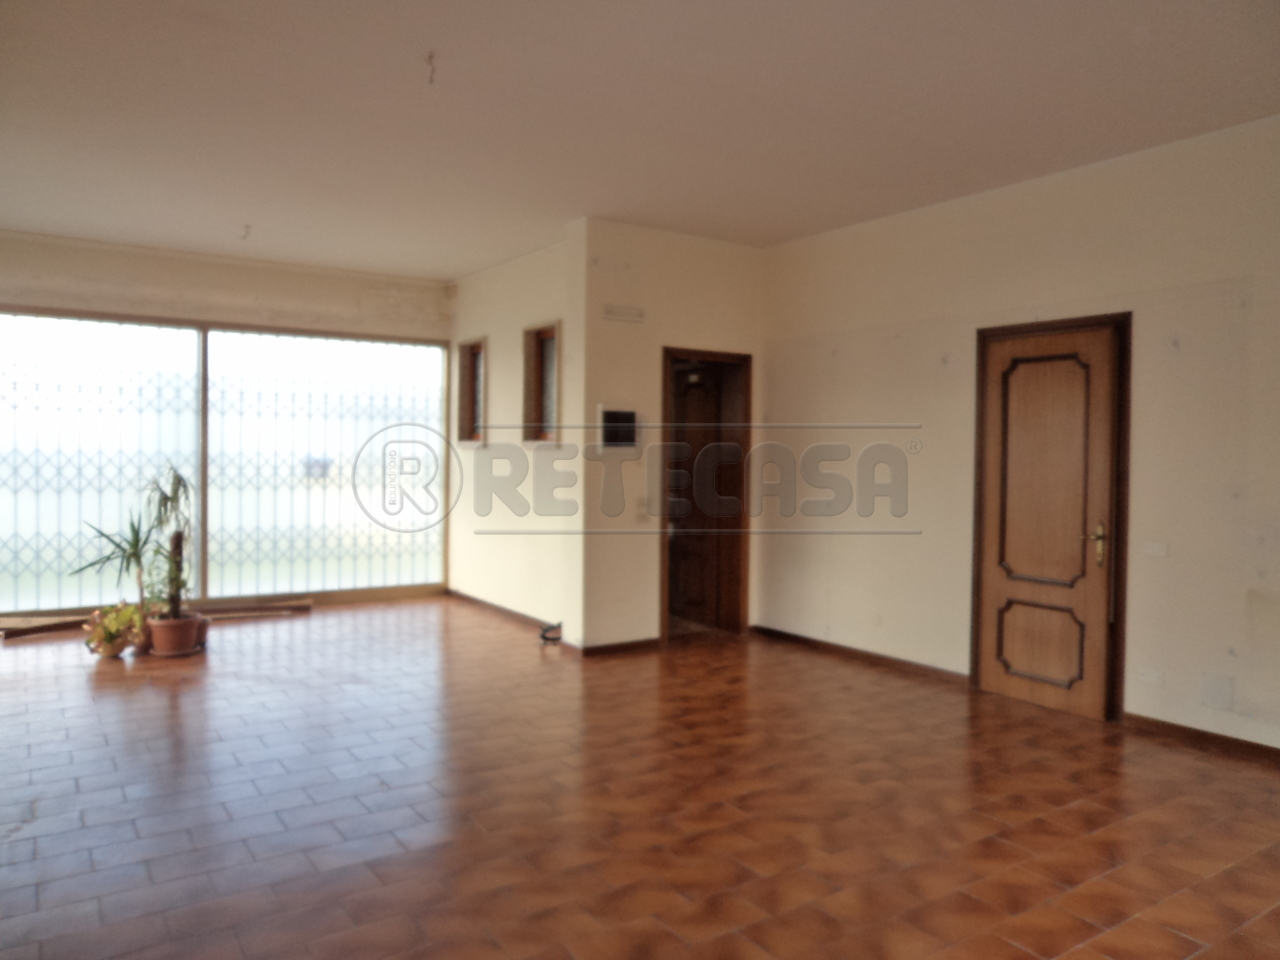 Negozio / Locale in affitto a Villanova di Camposampiero, 9999 locali, prezzo € 400 | Cambio Casa.it